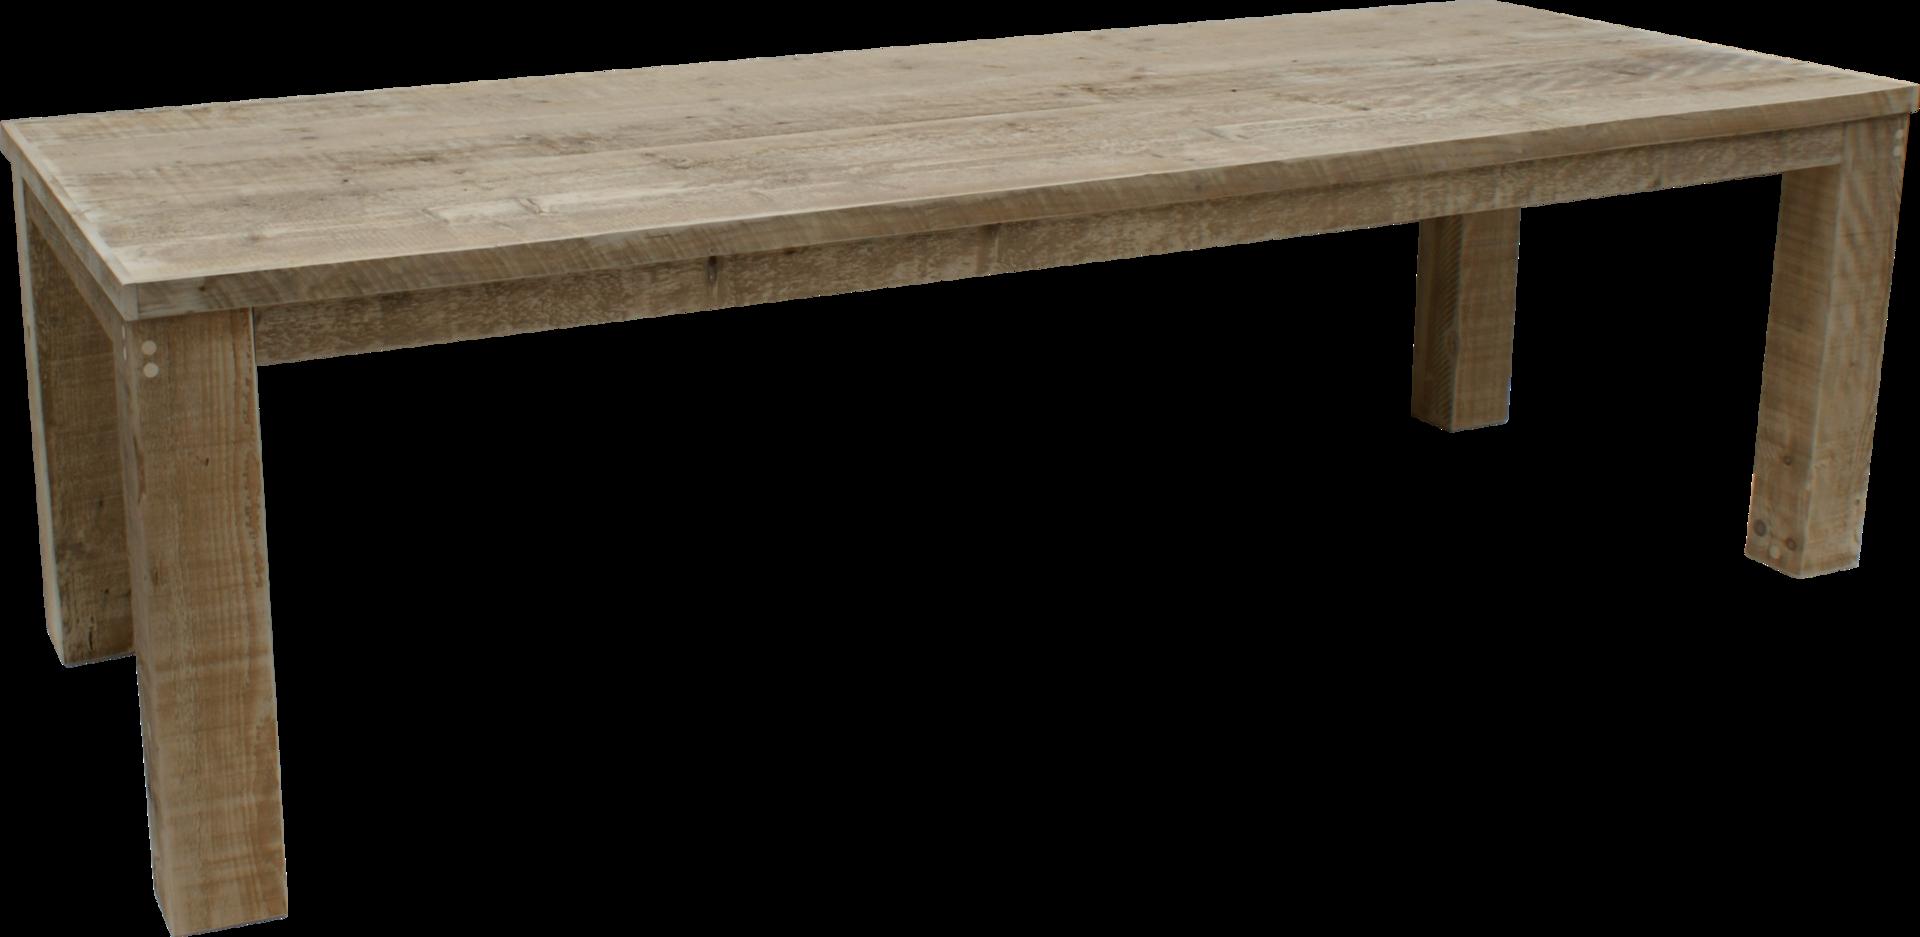 Bauholz Tisch Klassisch Standard Wohnzimmer Pinterest